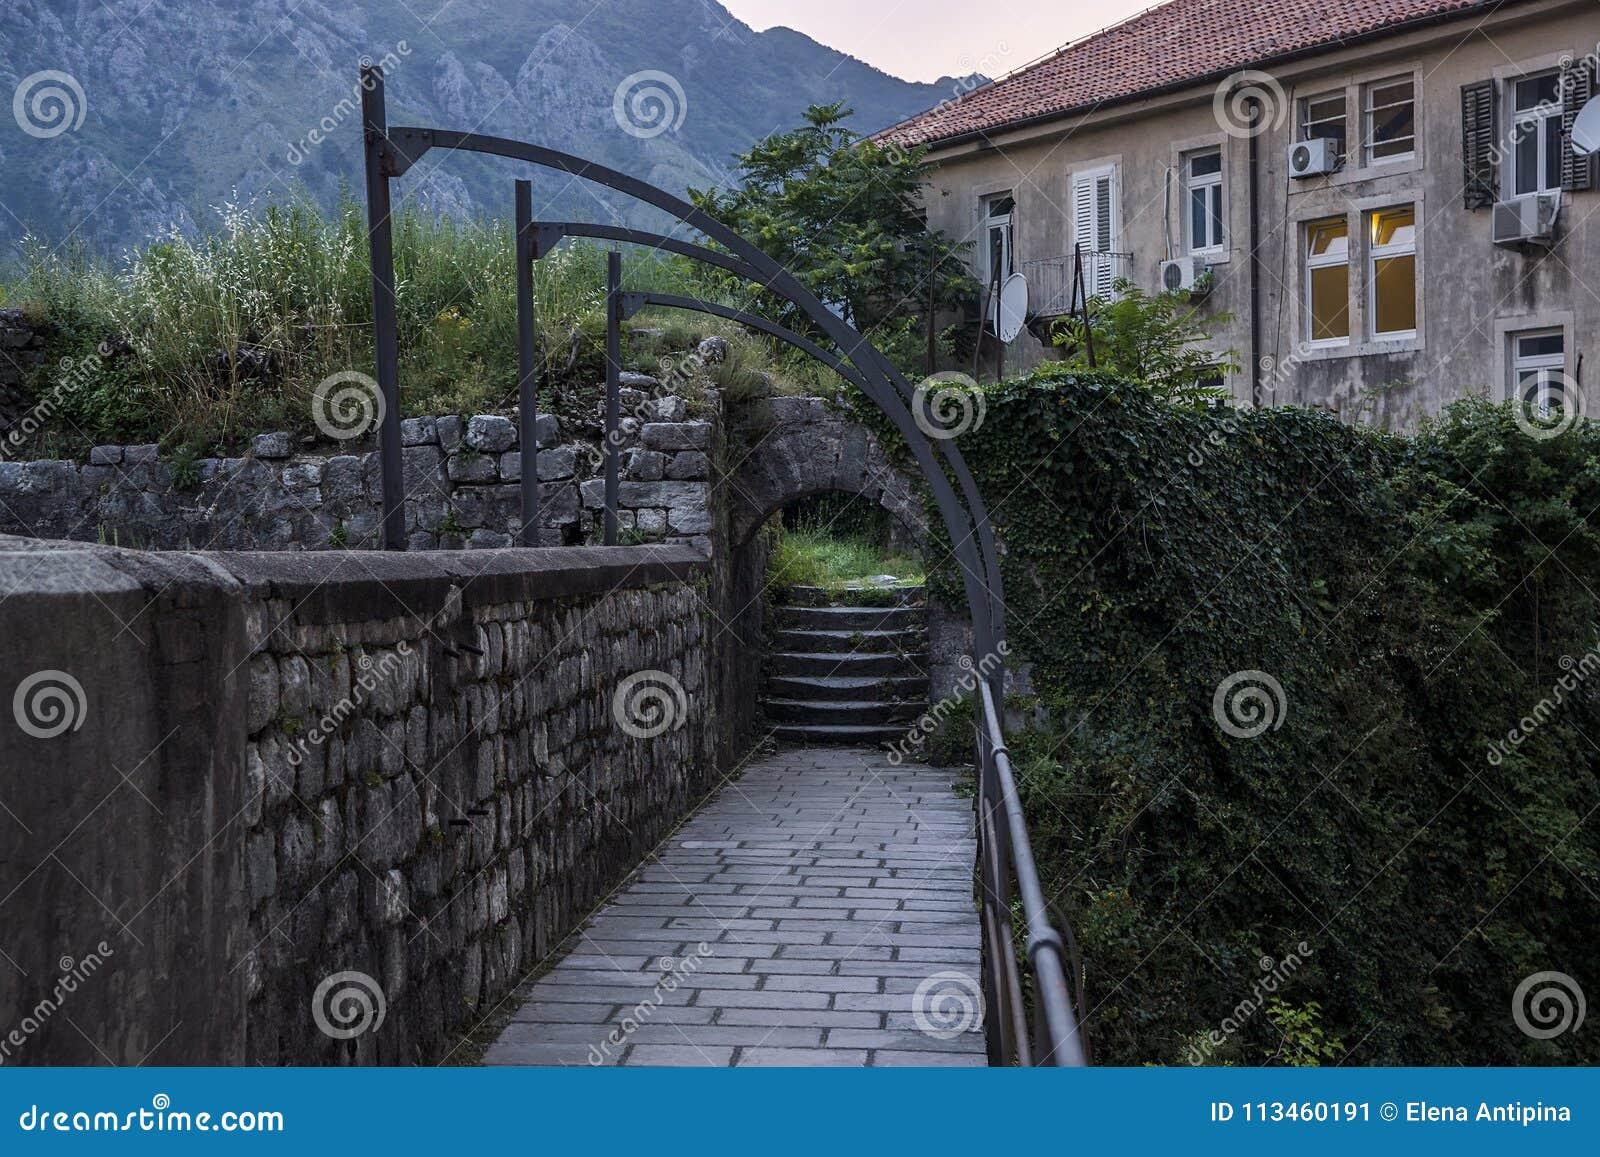 村庄的晚上视图,梯子被缠绕标尺和篱芭的,石墙 以高山为背景